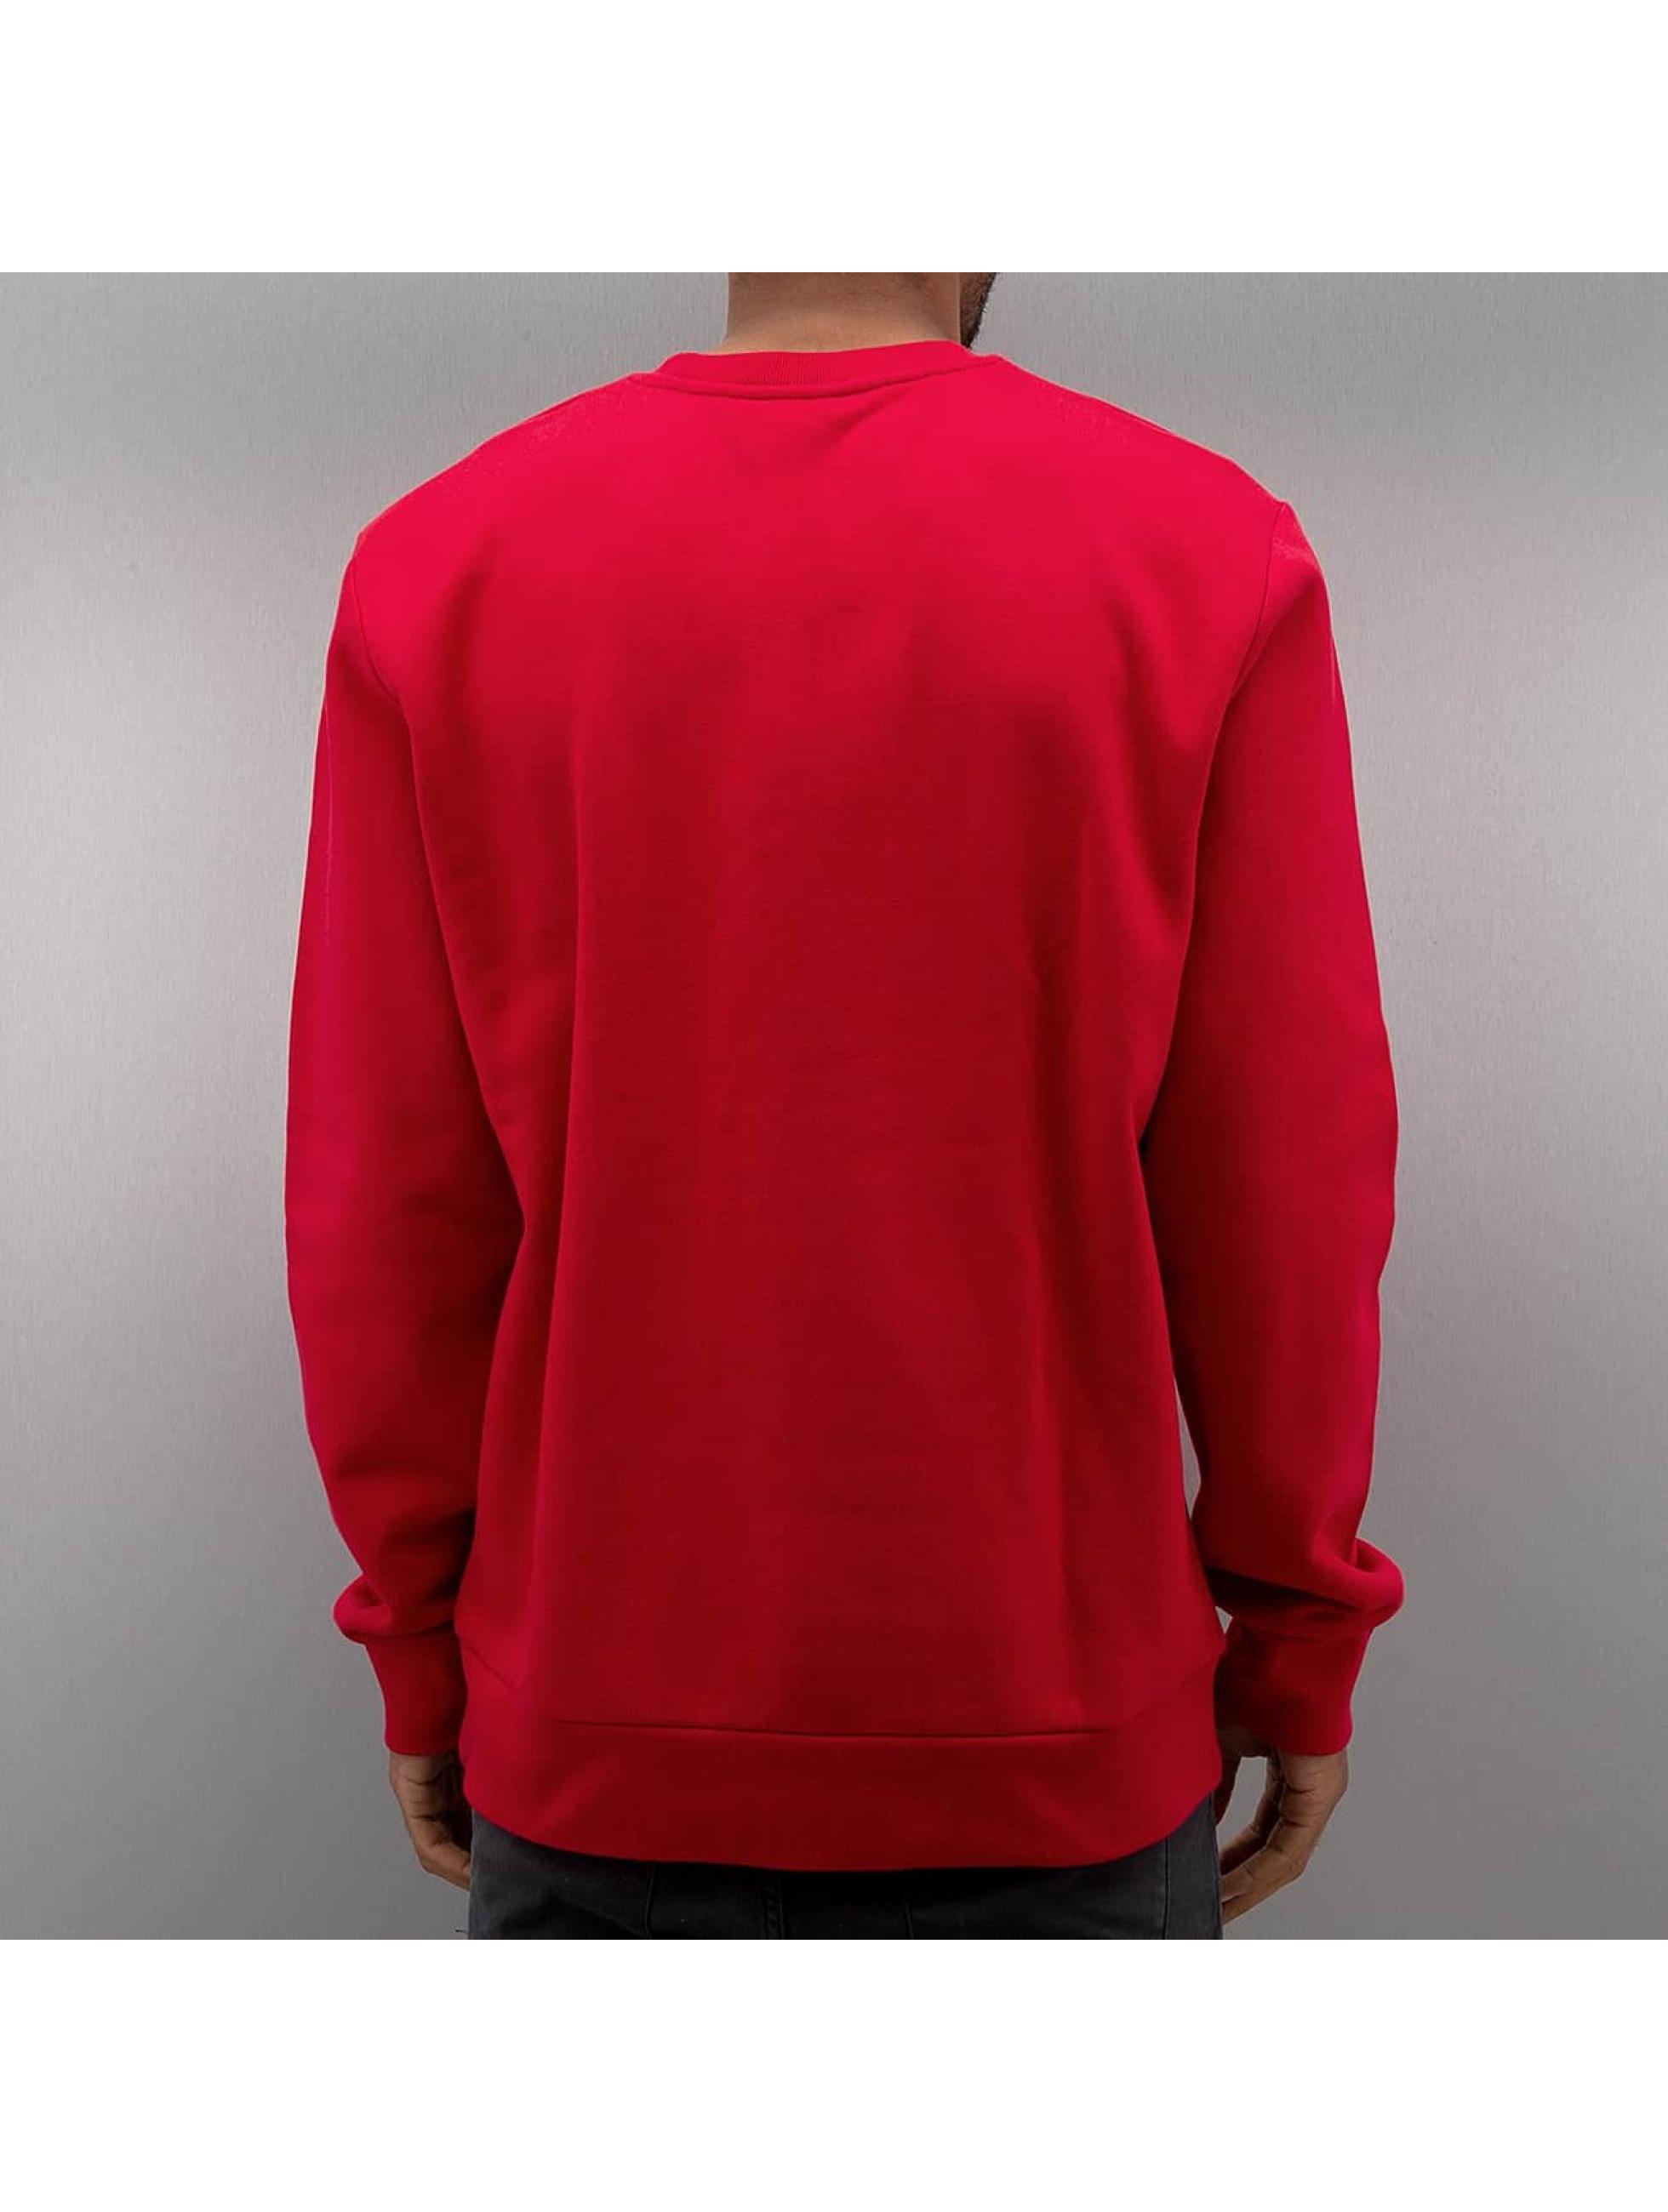 Carhartt WIP Swetry Wavy czerwony